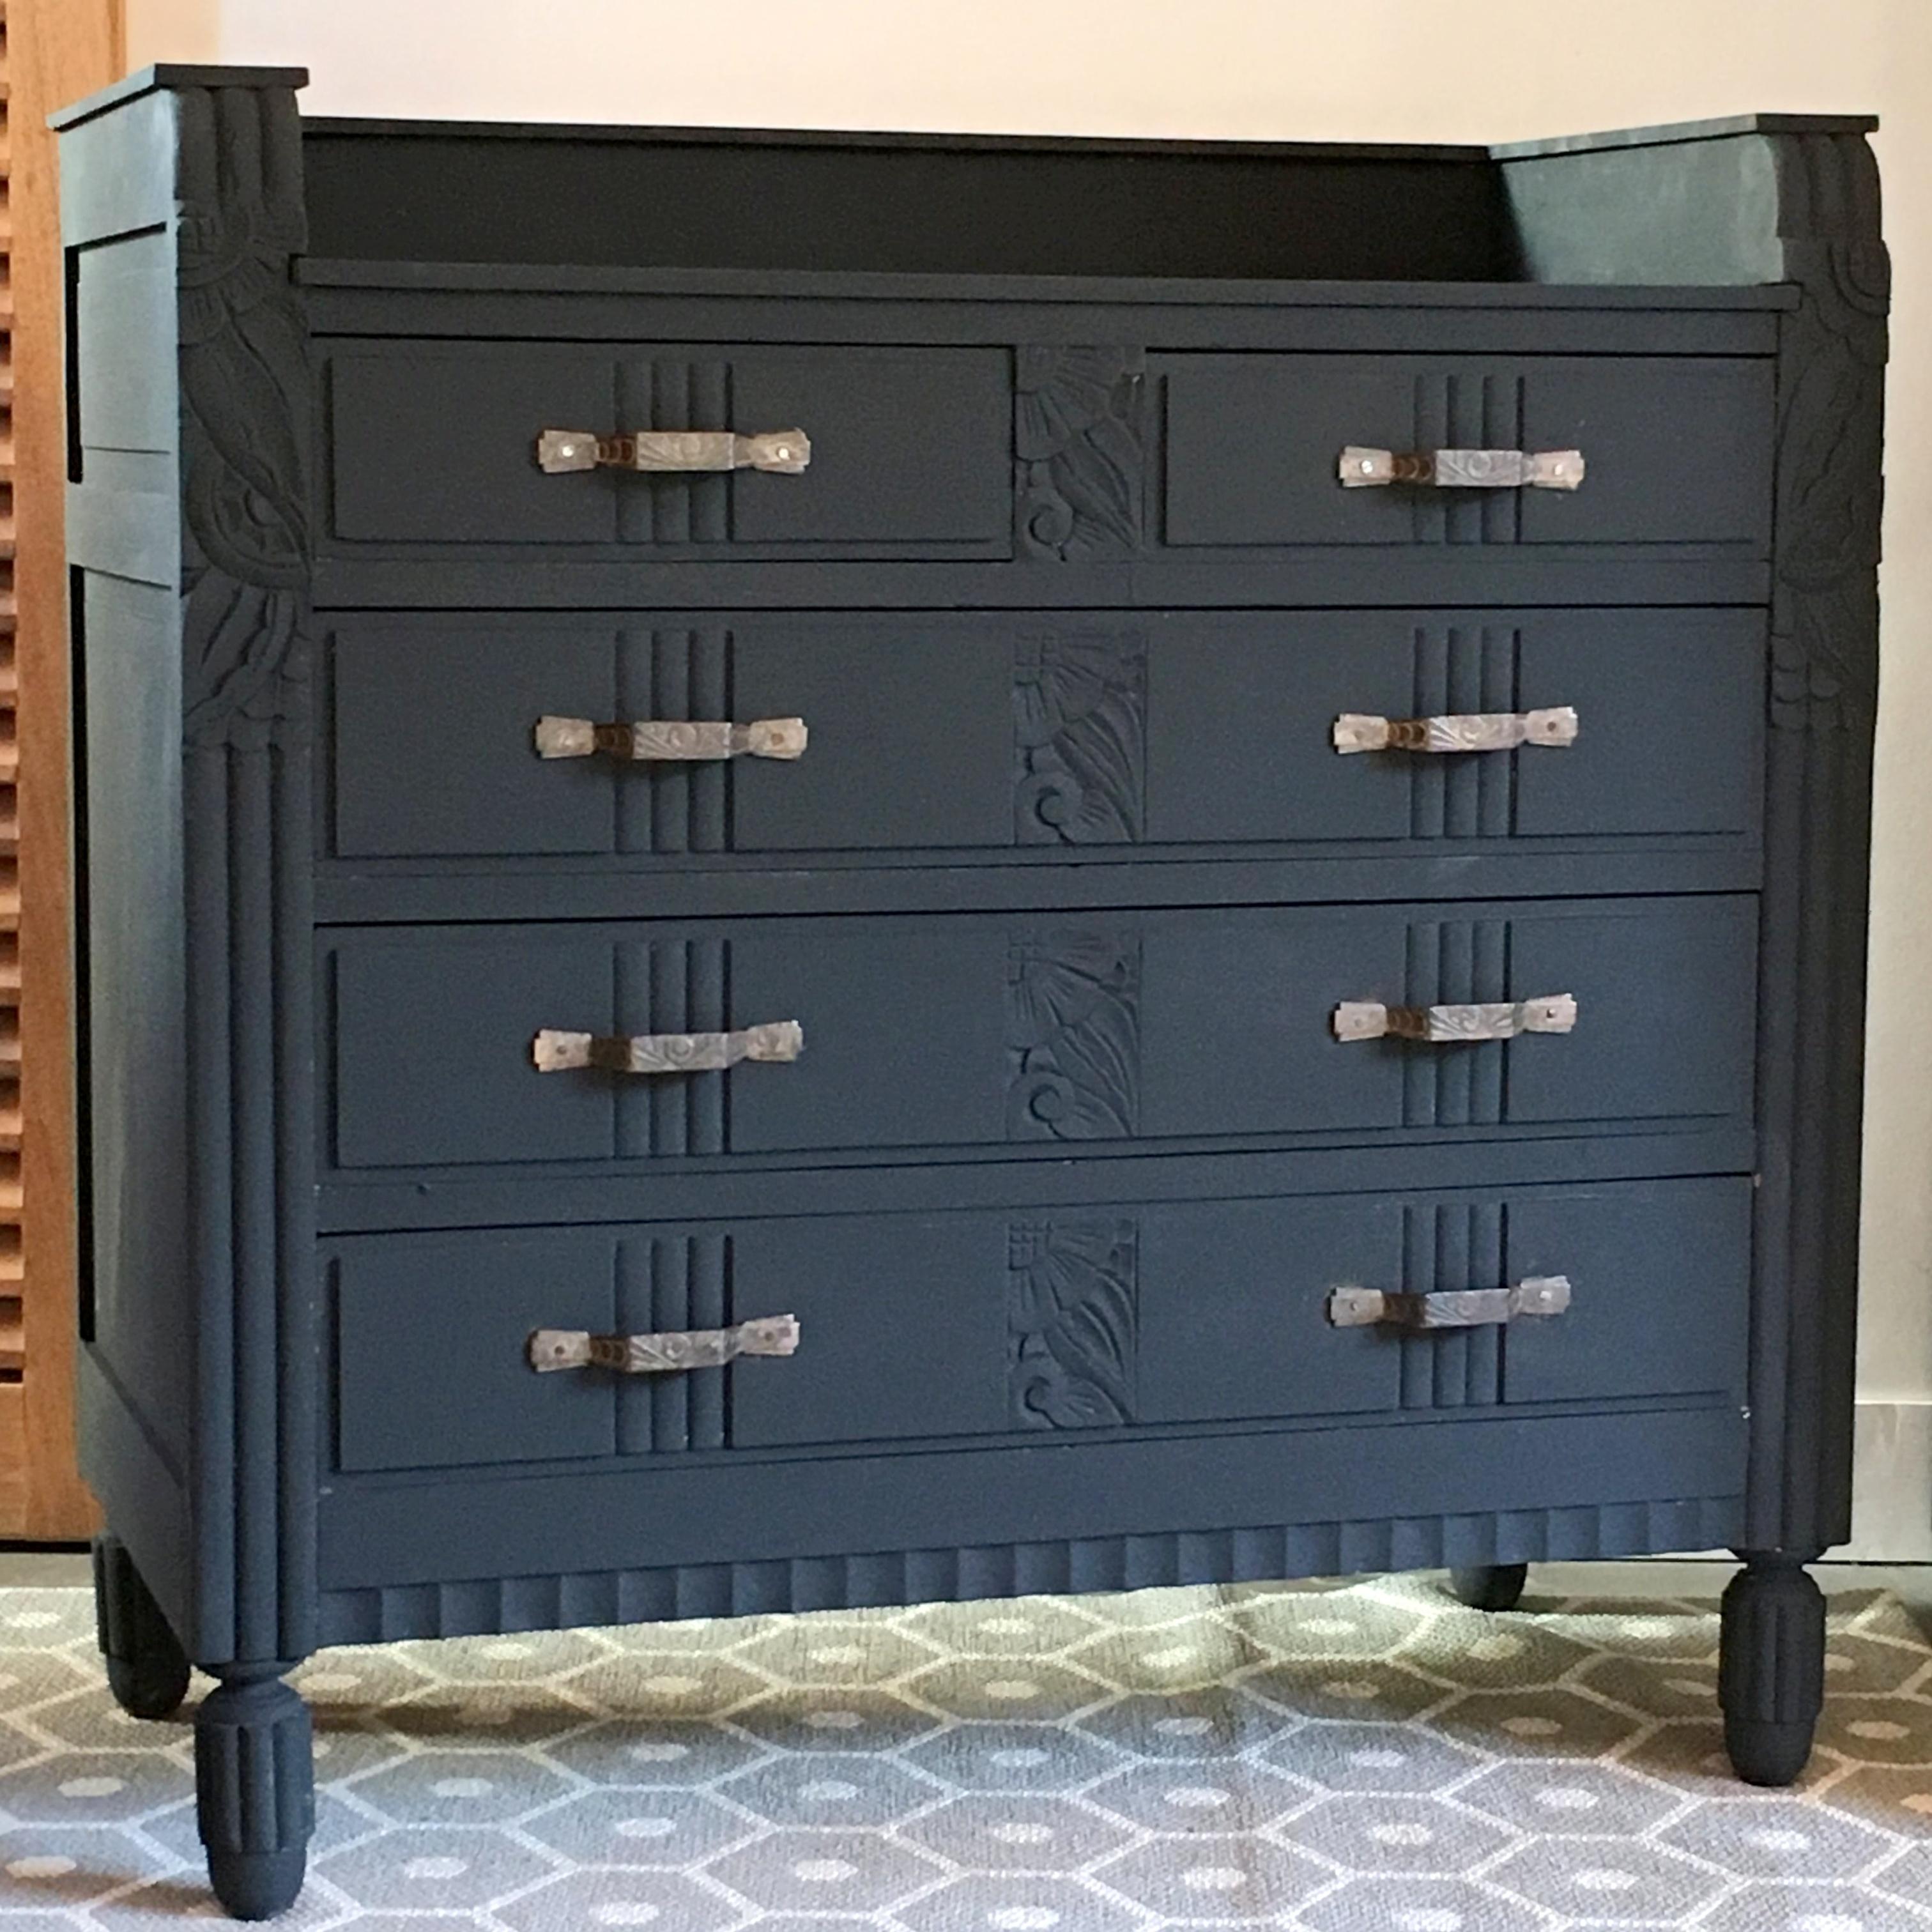 commode art d co noire lignedebrocante brocante en ligne chine pour vous meubles vintage et. Black Bedroom Furniture Sets. Home Design Ideas